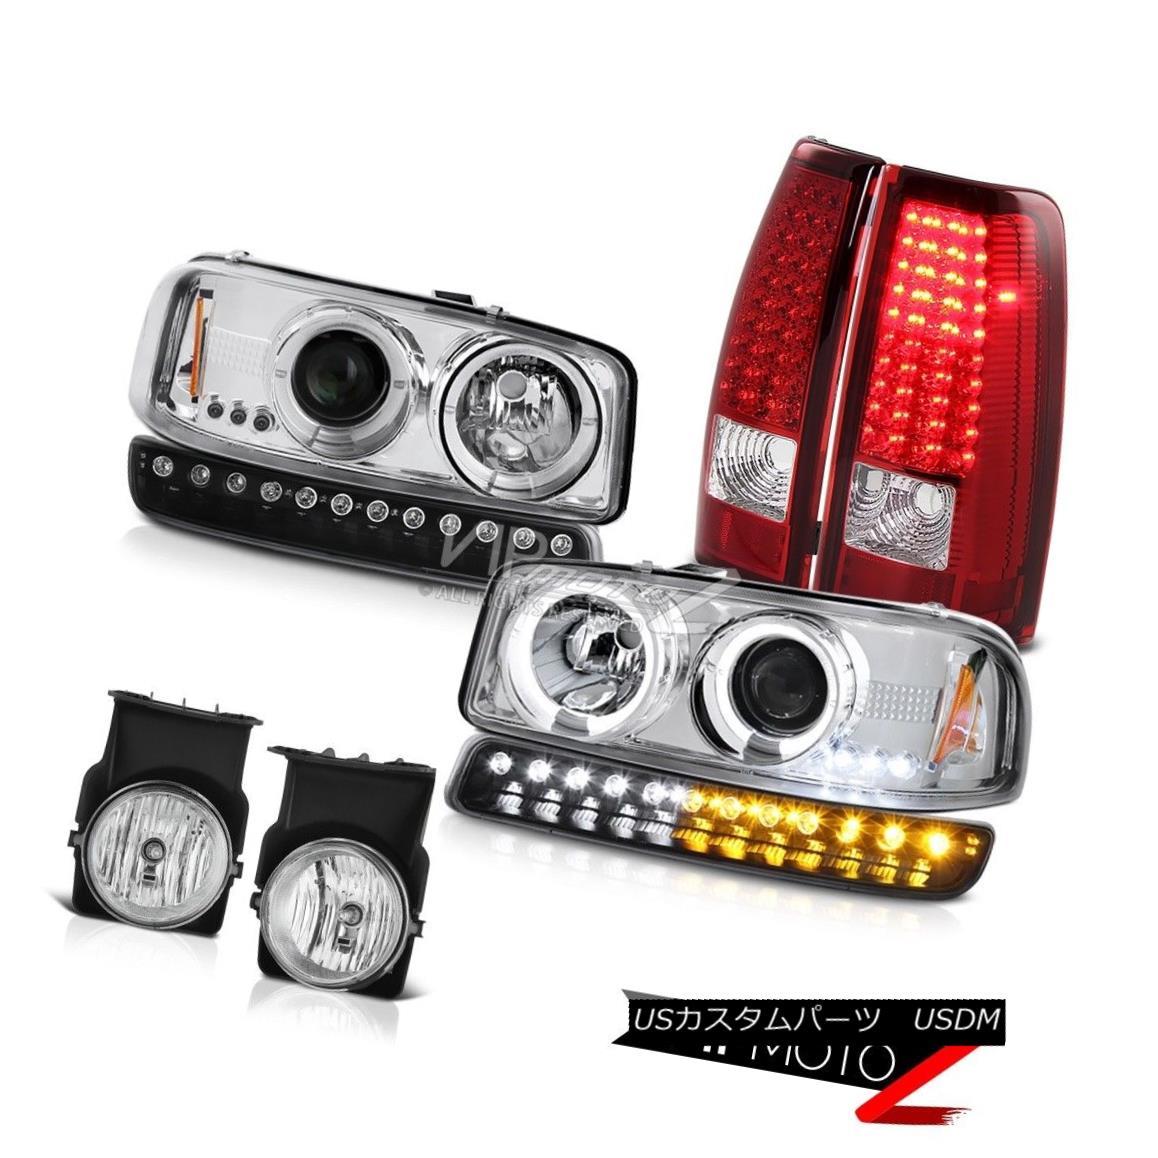 ヘッドライト 03 04 05 06 Sierra C3 Chrome foglights red smd taillamps bumper lamp headlamps 03 04 05 06シエラC3クロームフォグライト赤とテールランプバンパーランプヘッドランプ